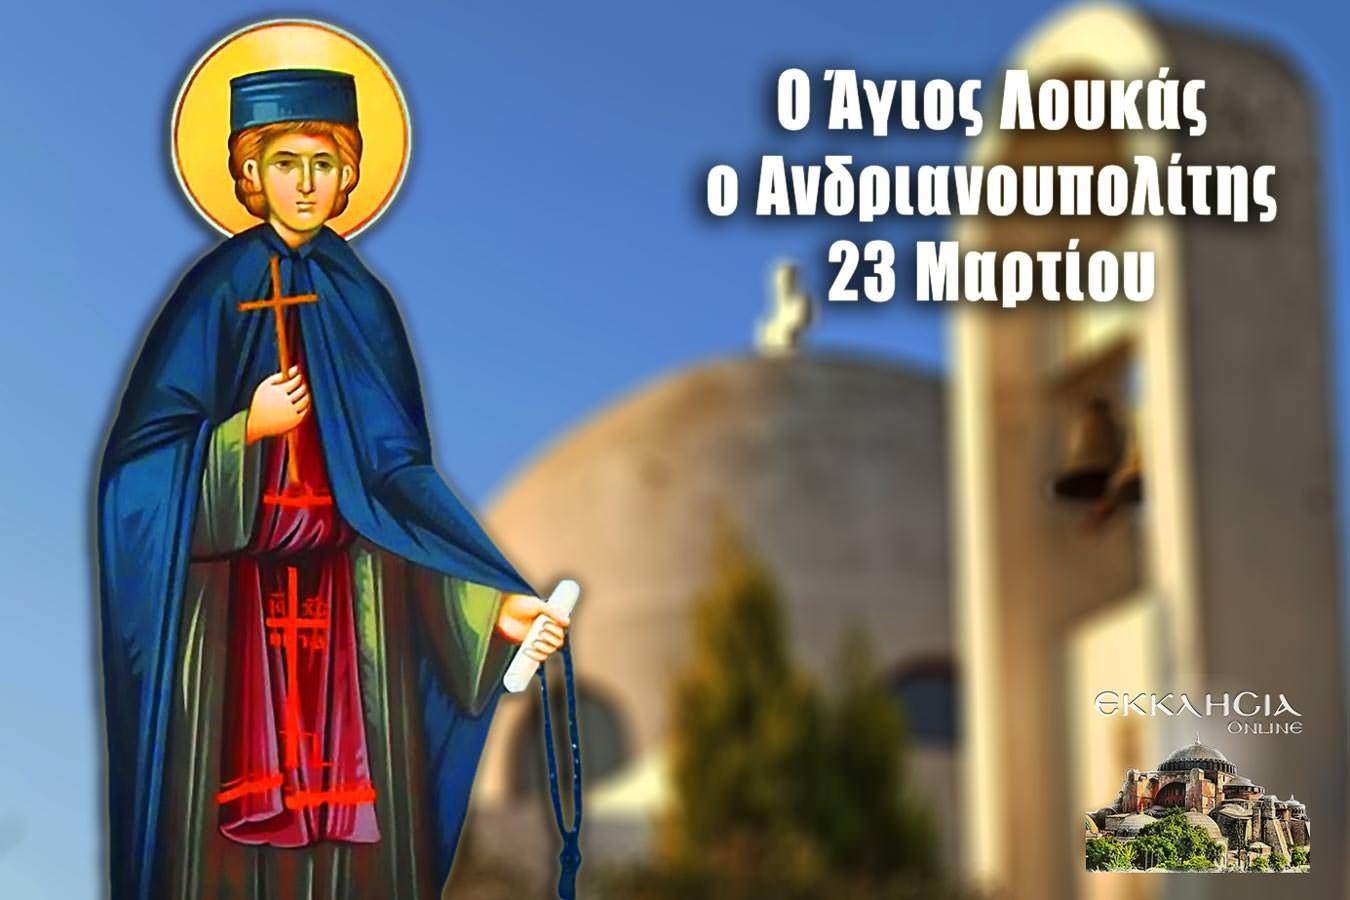 Άγιος Λουκάς Ανδριανουπολίτης 23 Μαρτίου